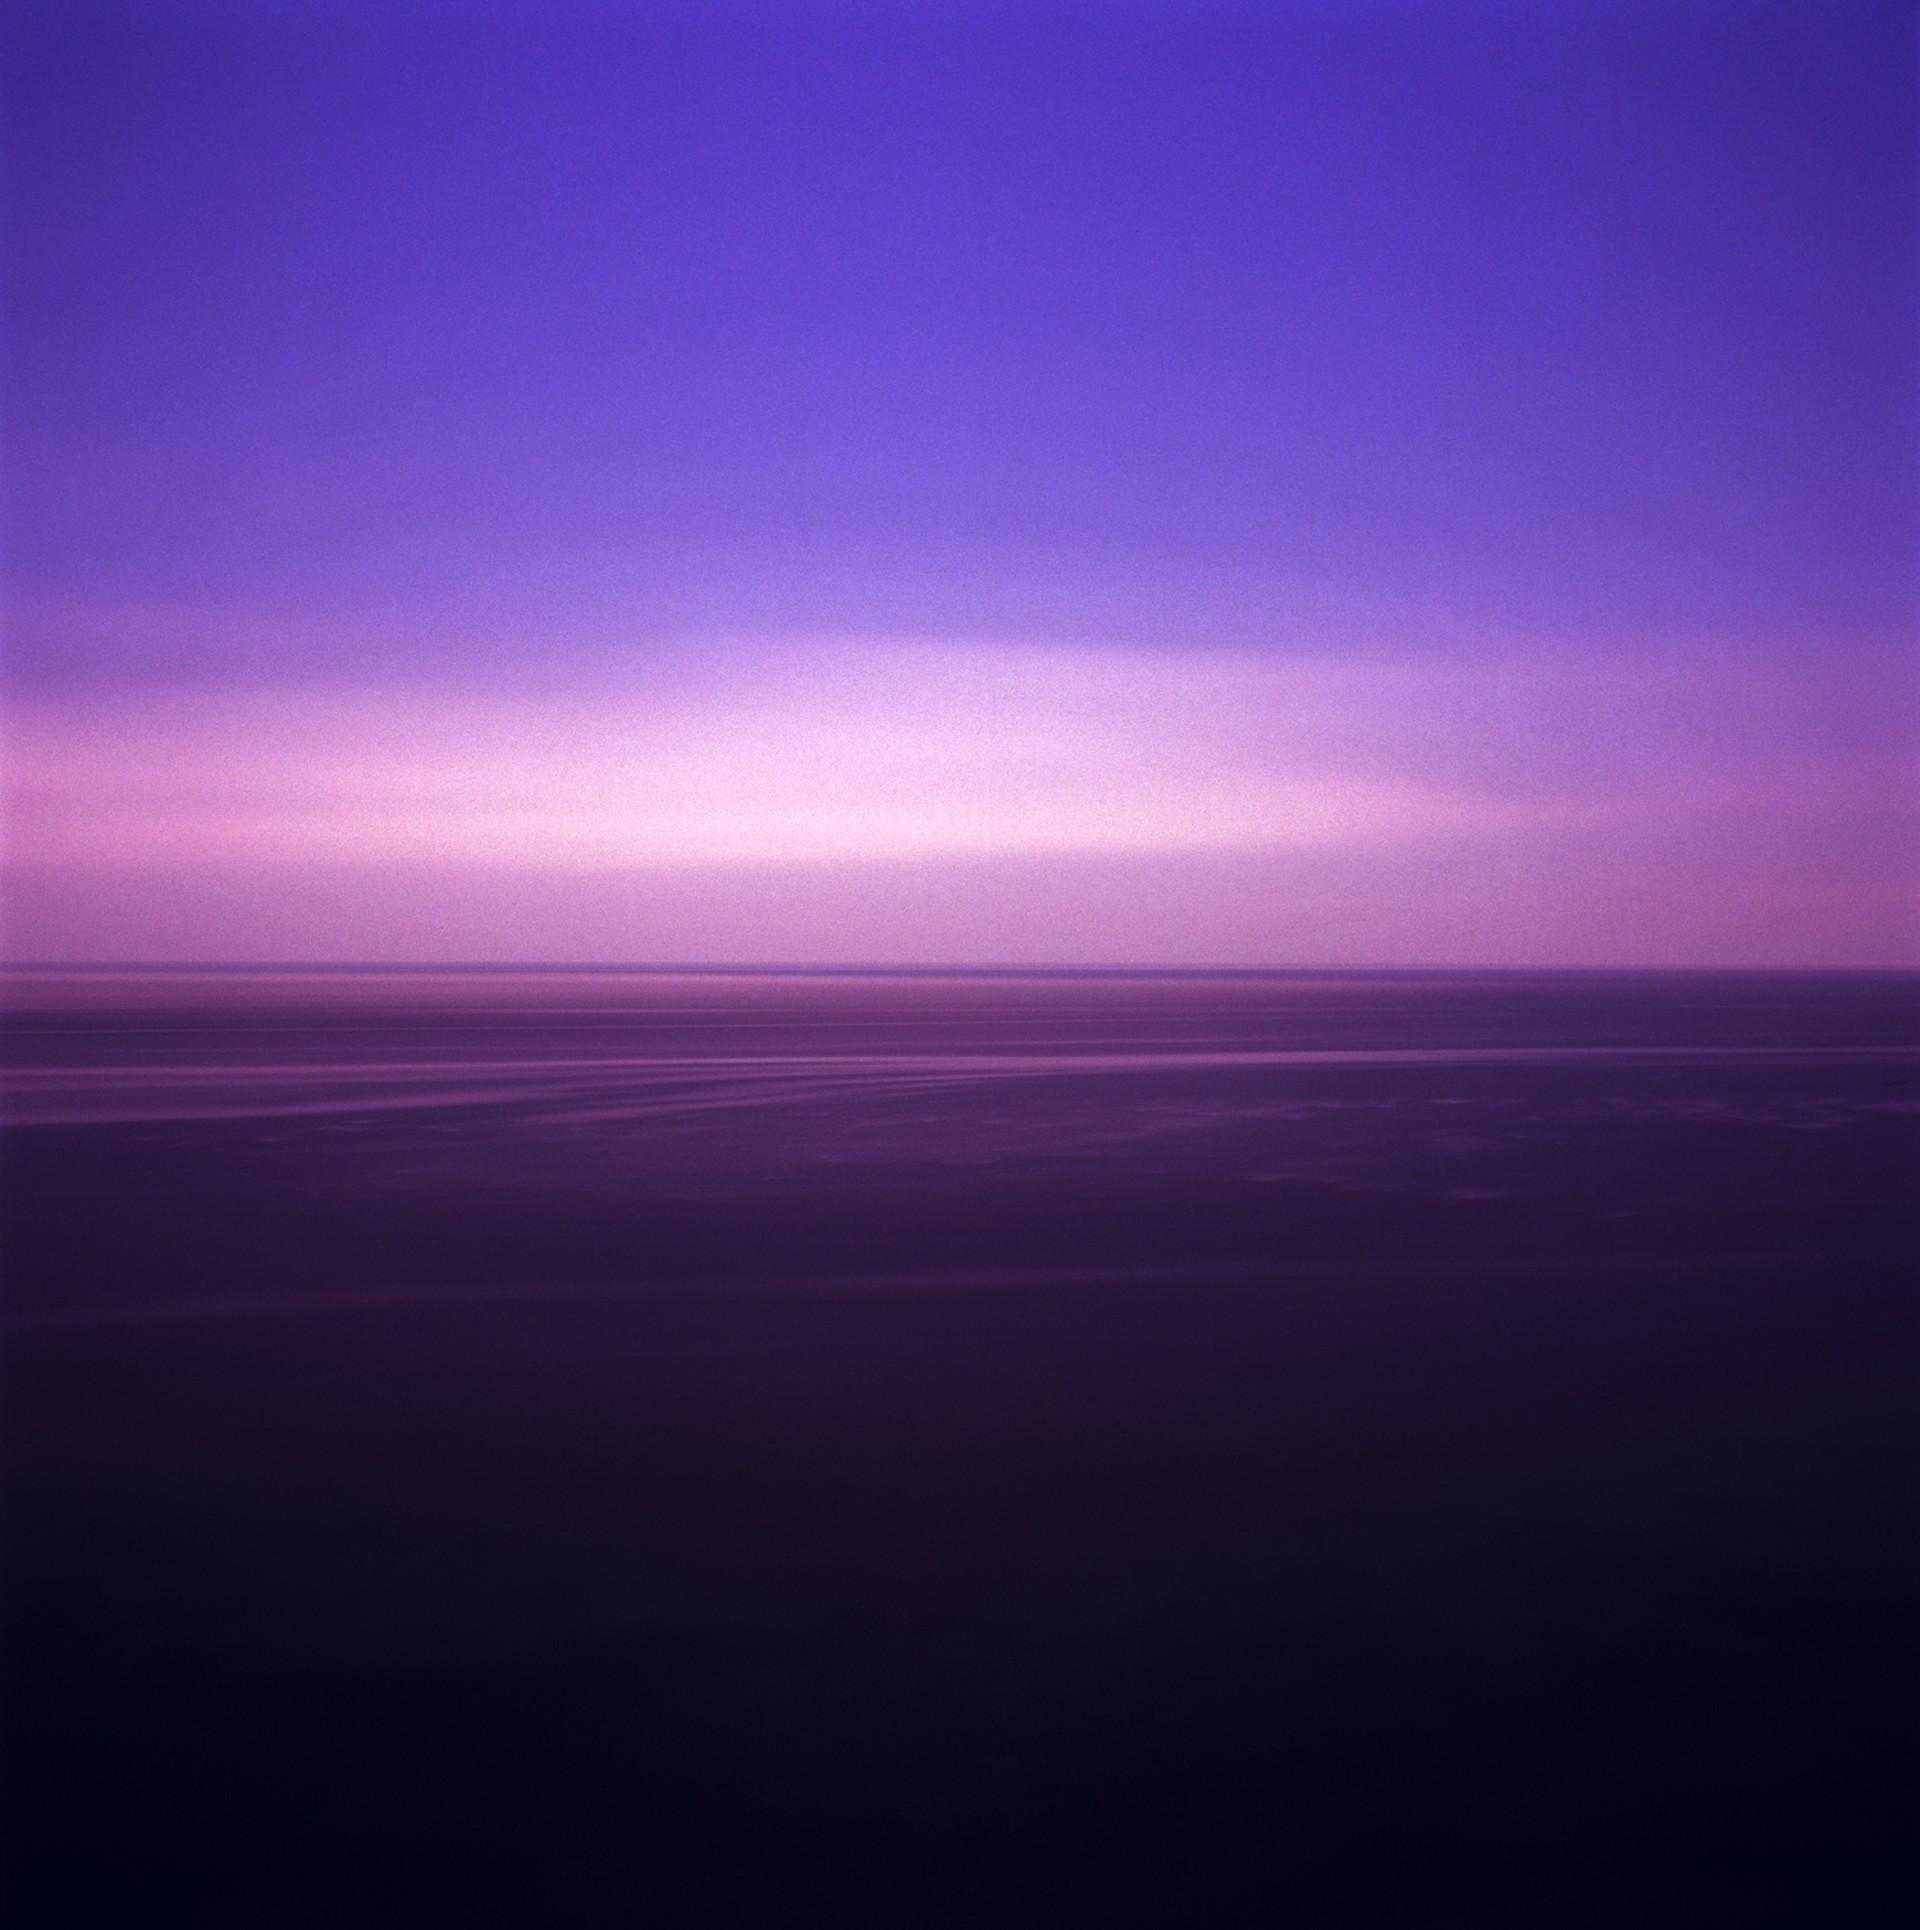 Untitled (DFSL_001) by Daniel Fuller